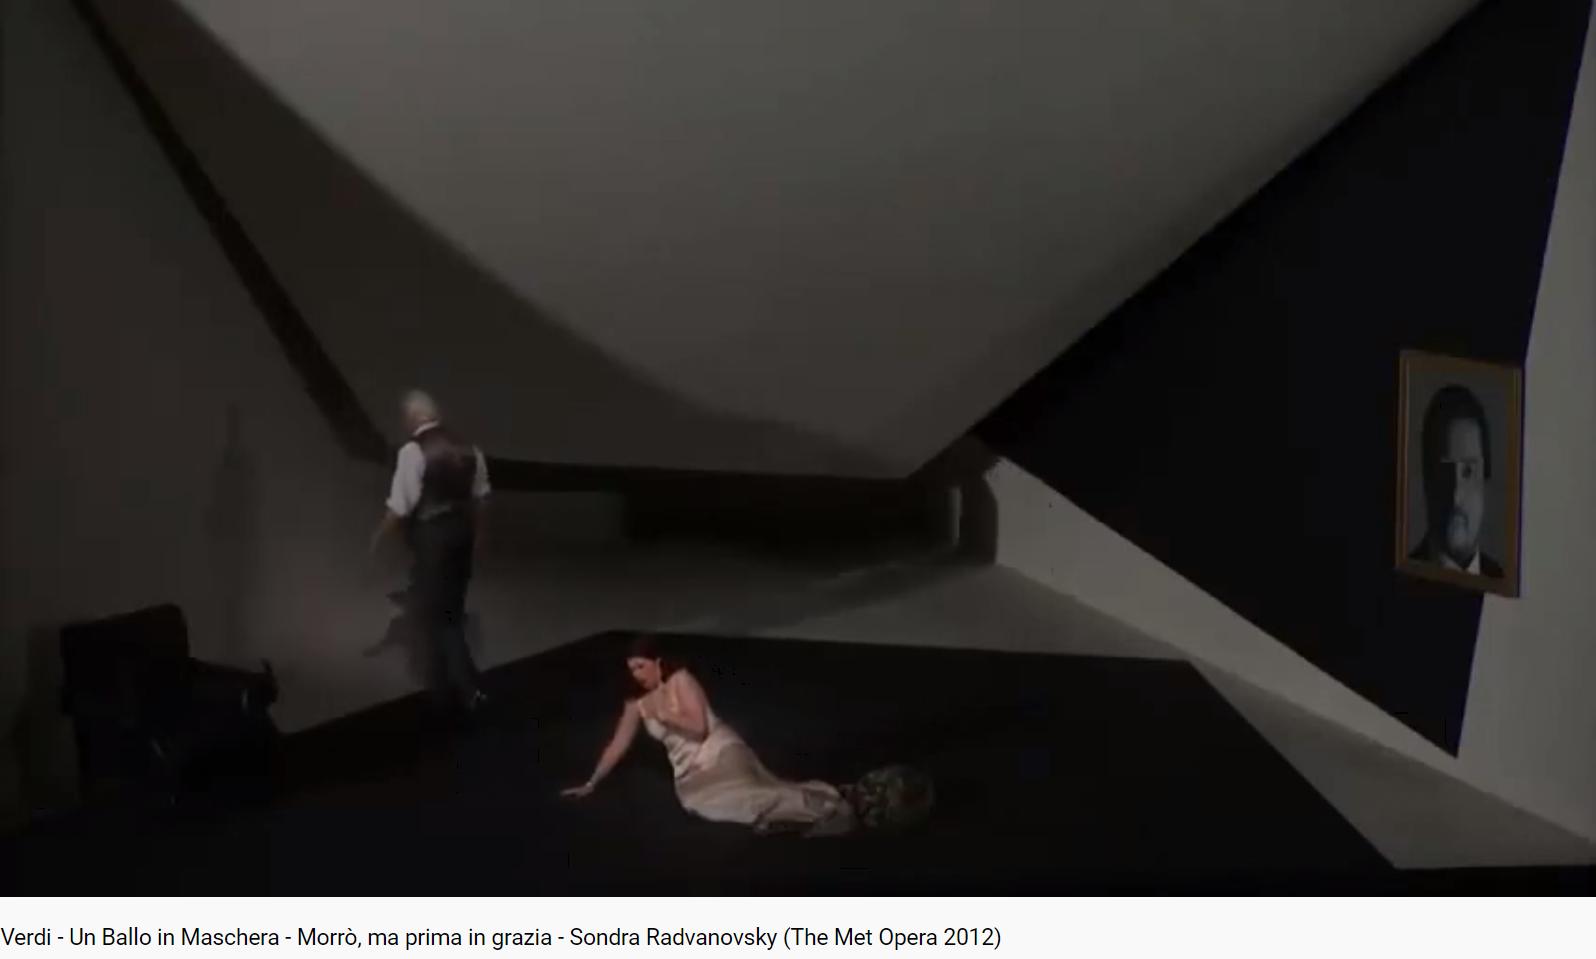 Verdi un ballo in maschera Morro ma prima in grazia (MET 2012)